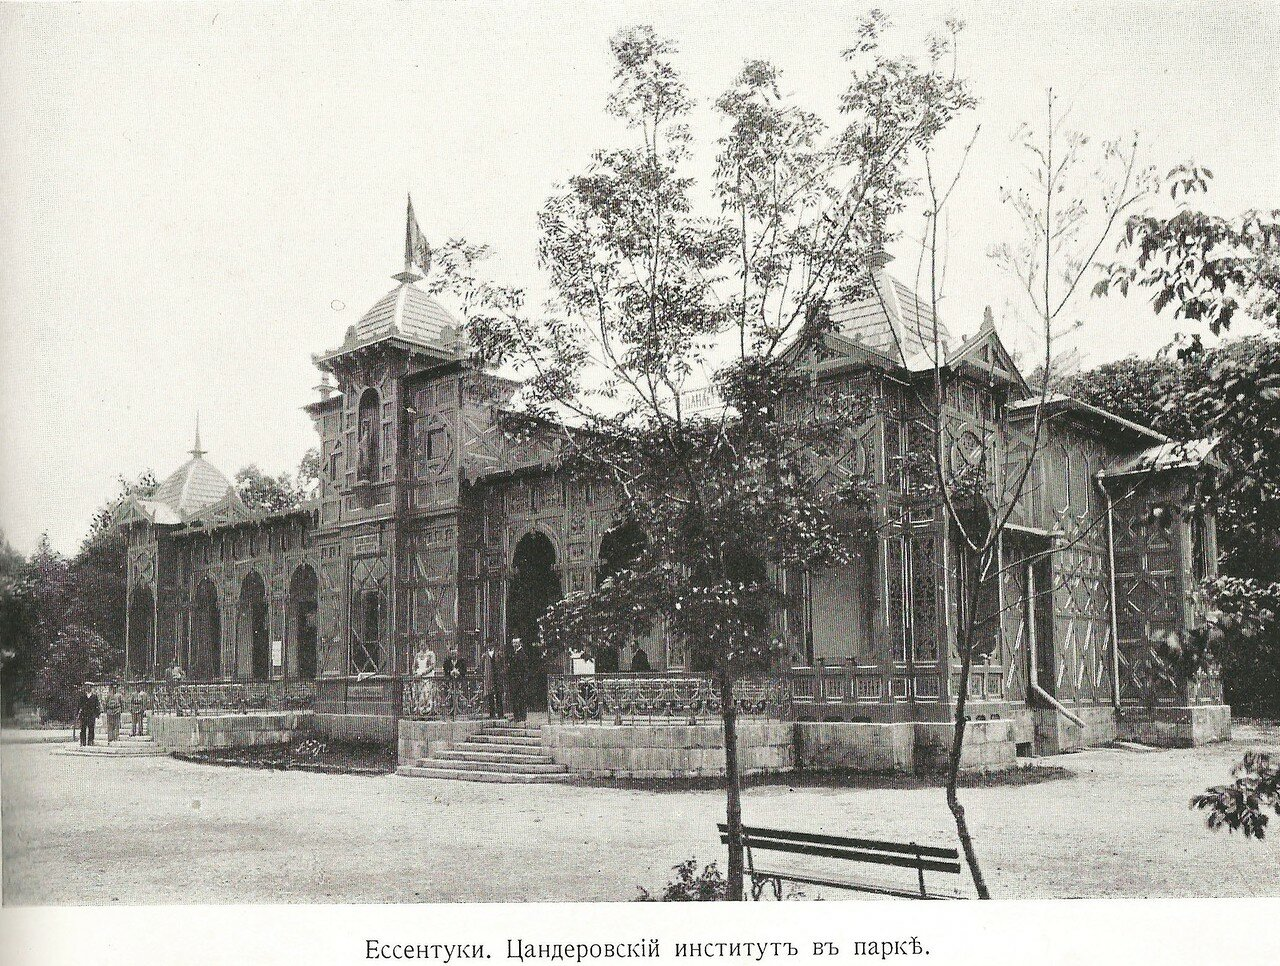 Цандеровский институт в парке